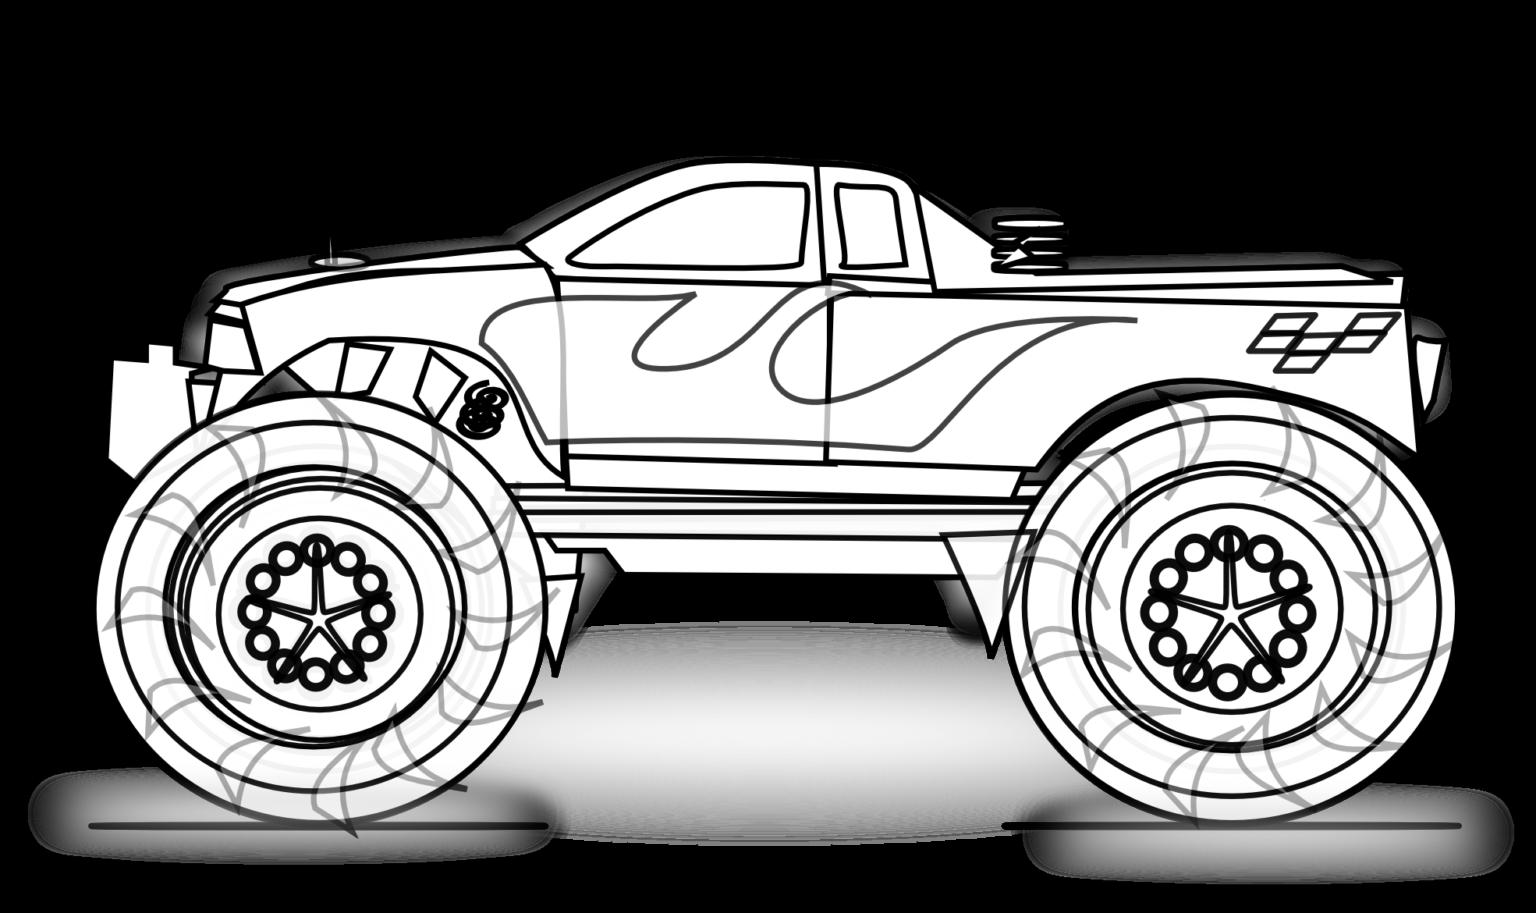 Tranh tô màu xe tải dành cho bé 5 tuổi đẹp nhất! | Monster trucks, Trang tô  màu, Xe ô tô